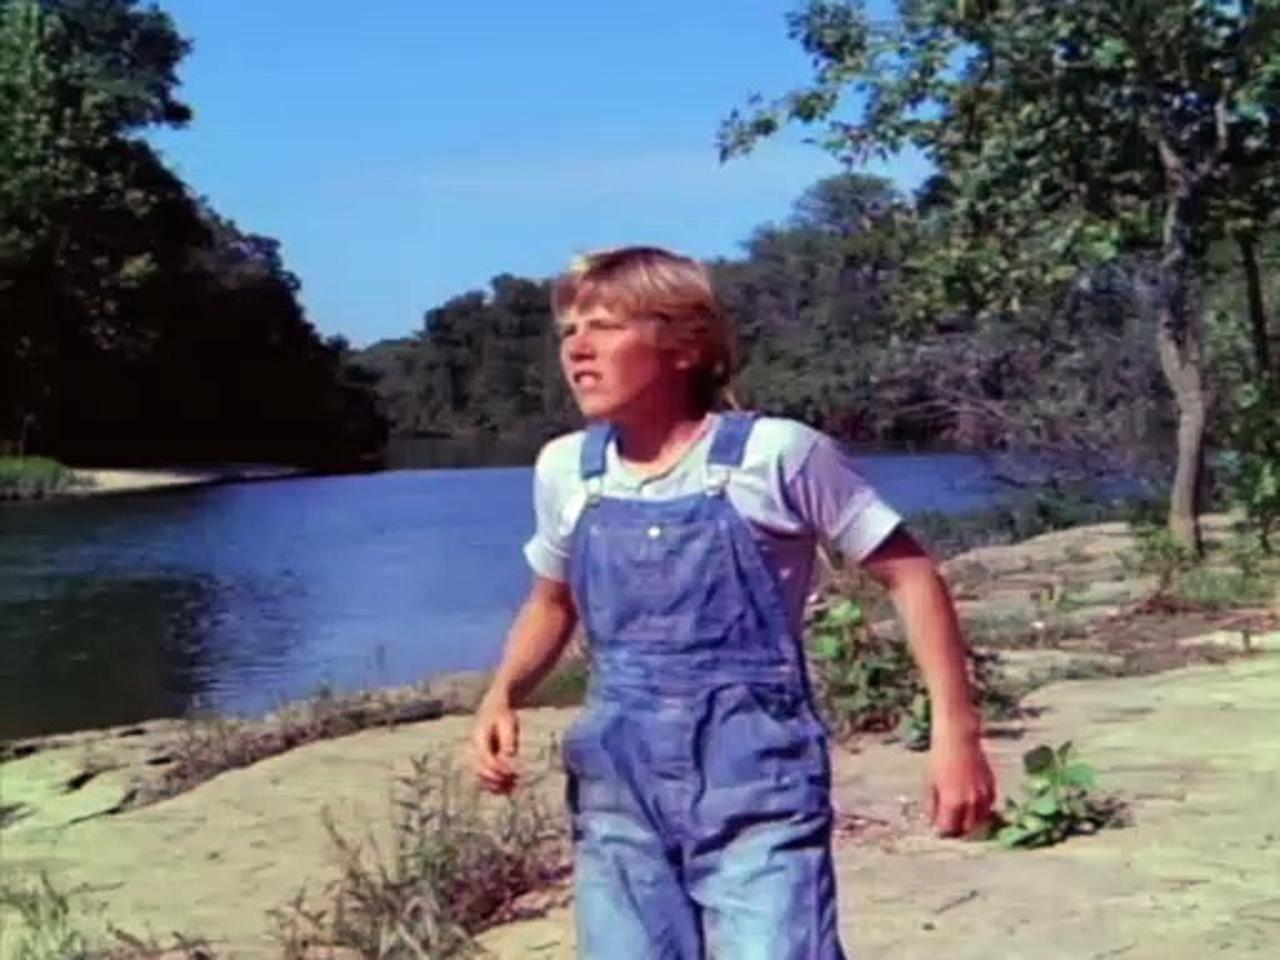 Where The Red Fern Grows Movie (2003) - Joseph Ashton, Dave Matthews, Renee Faia